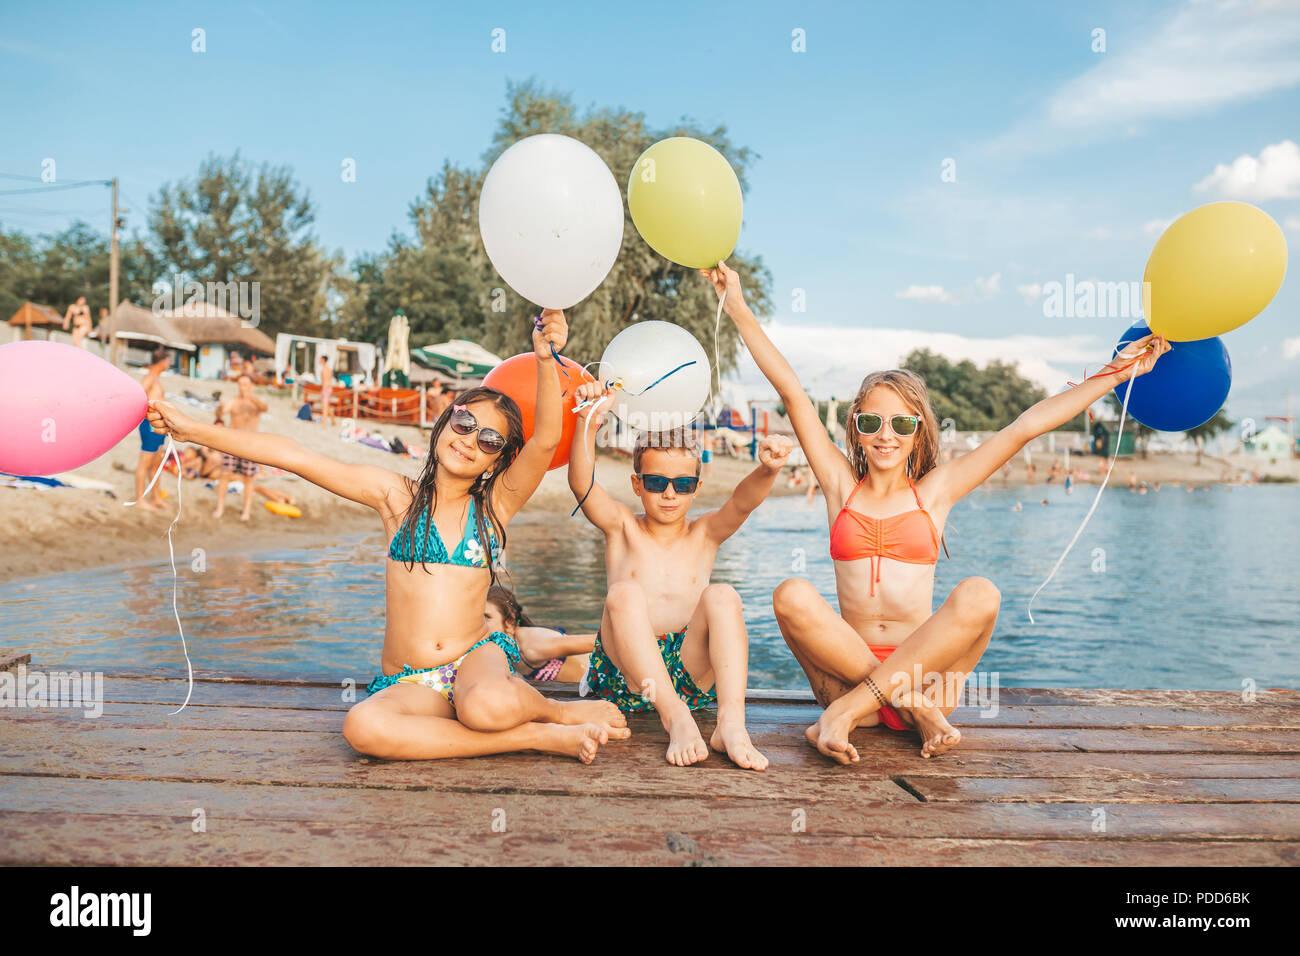 Niños felices jugando con los globos en el mar. Los niños divertirse al aire libre. Vacaciones de verano y el concepto de estilo de vida saludable Foto de stock